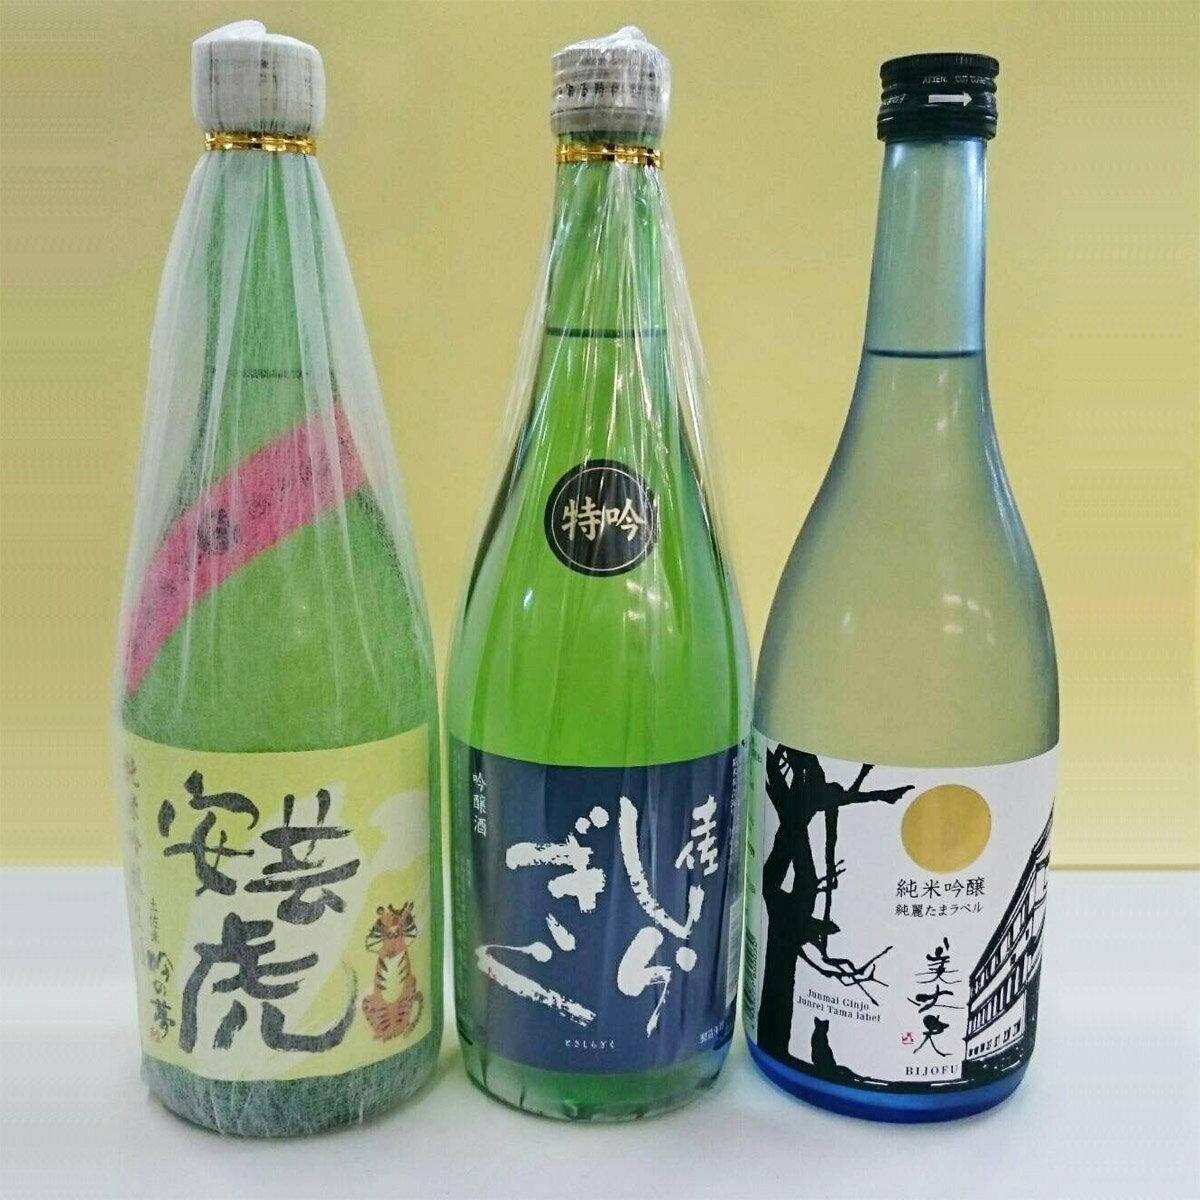 【ふるさと納税】東部蔵元 吟醸・純米吟醸のみ比べセット